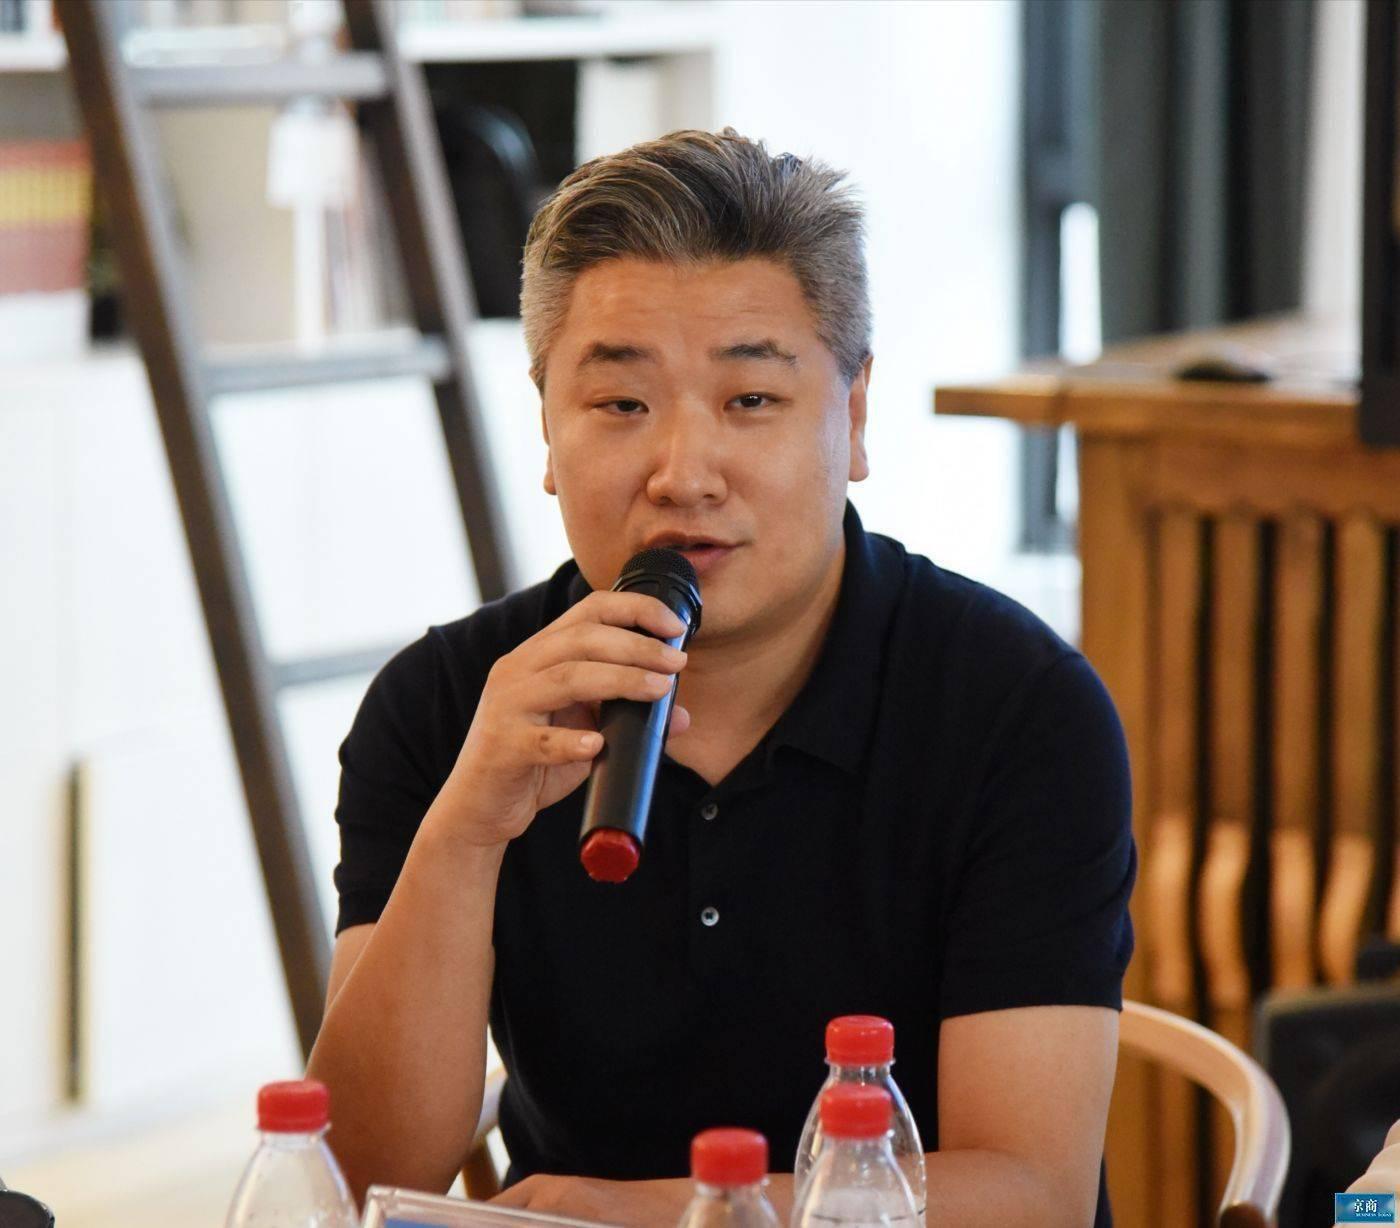 姜立 生活之家的副总裁兼艾毅之家的总经理:整体结构的软装拥抱在线流量